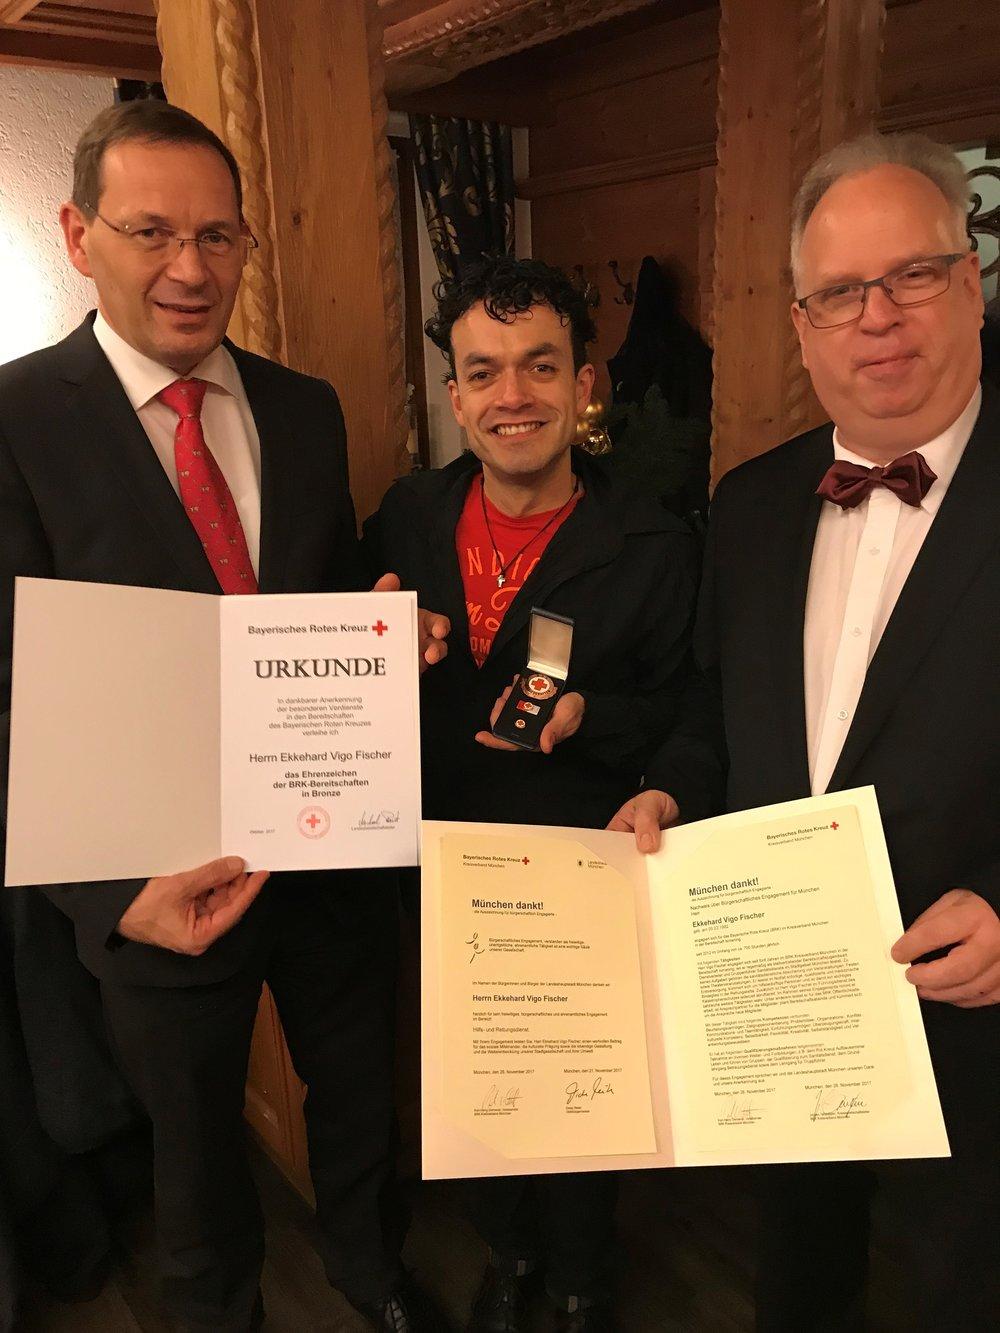 V.l.: Fried Saacke, Eckehard Vigo Fischer und Thomas Angenendt